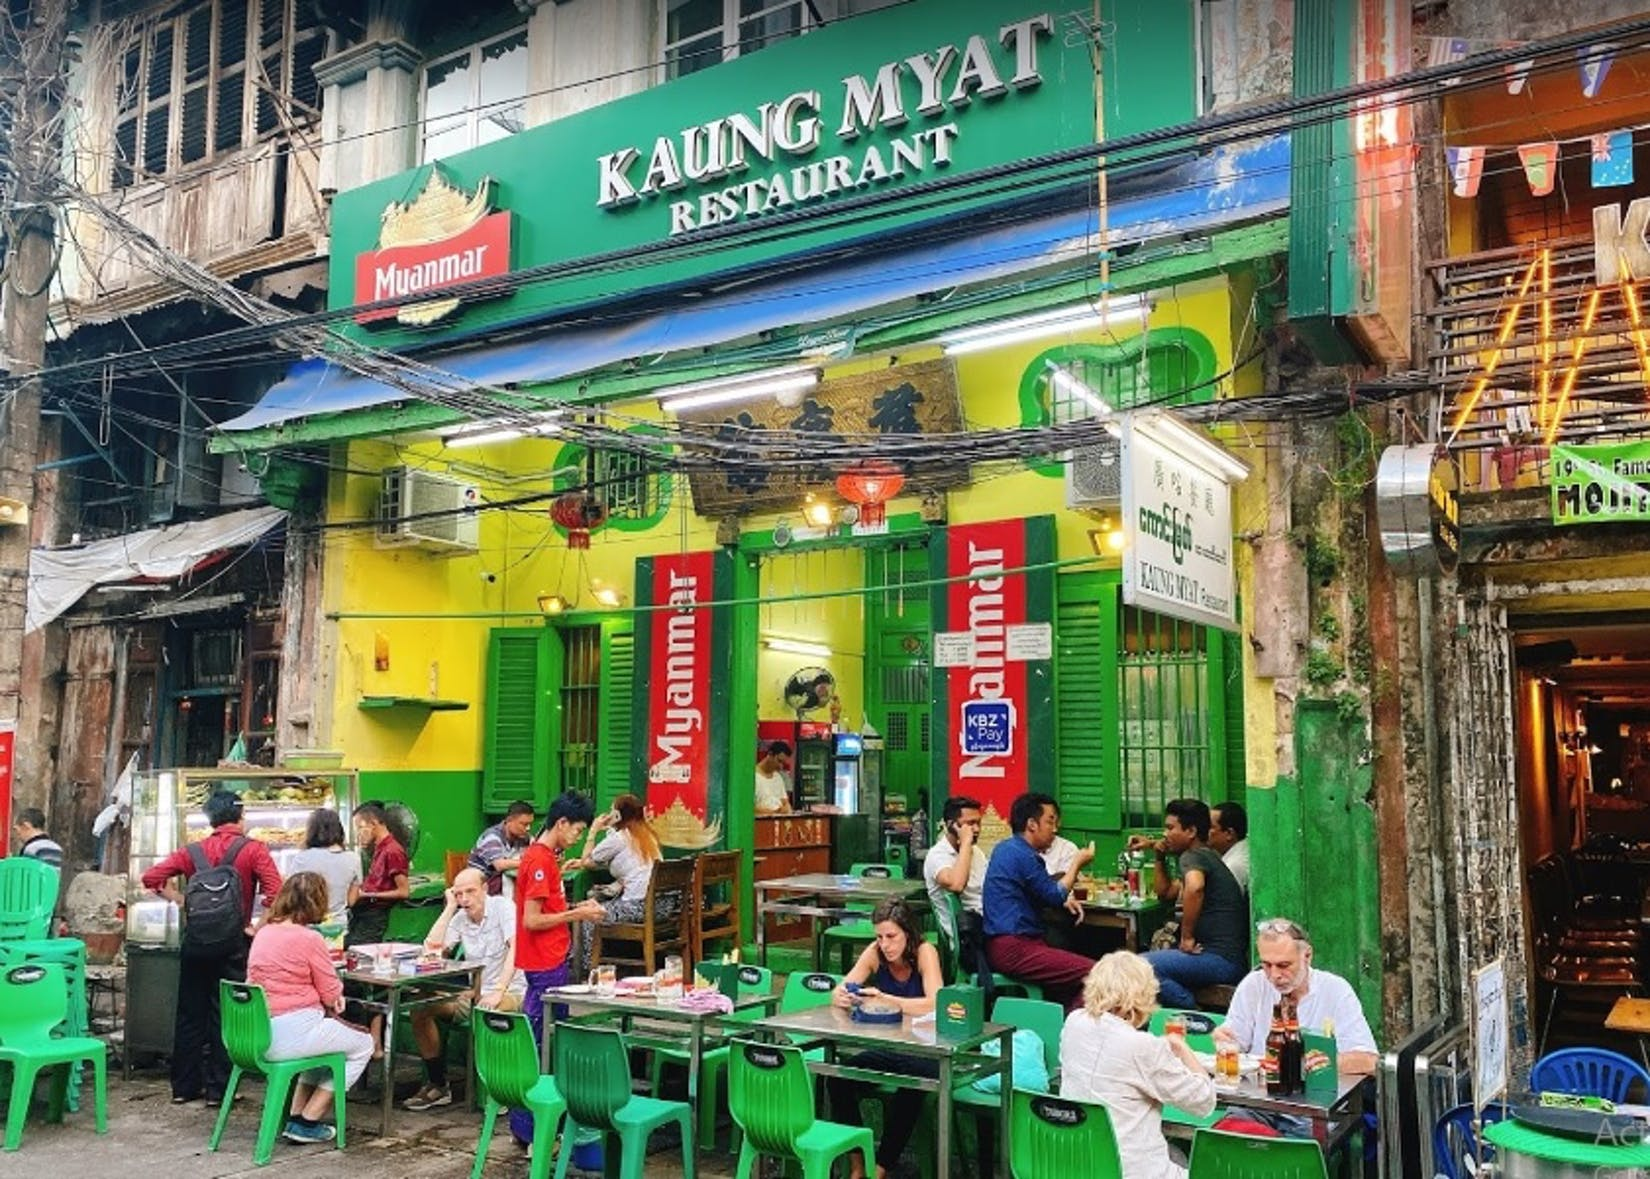 Kaung Myat Restaurant | yathar